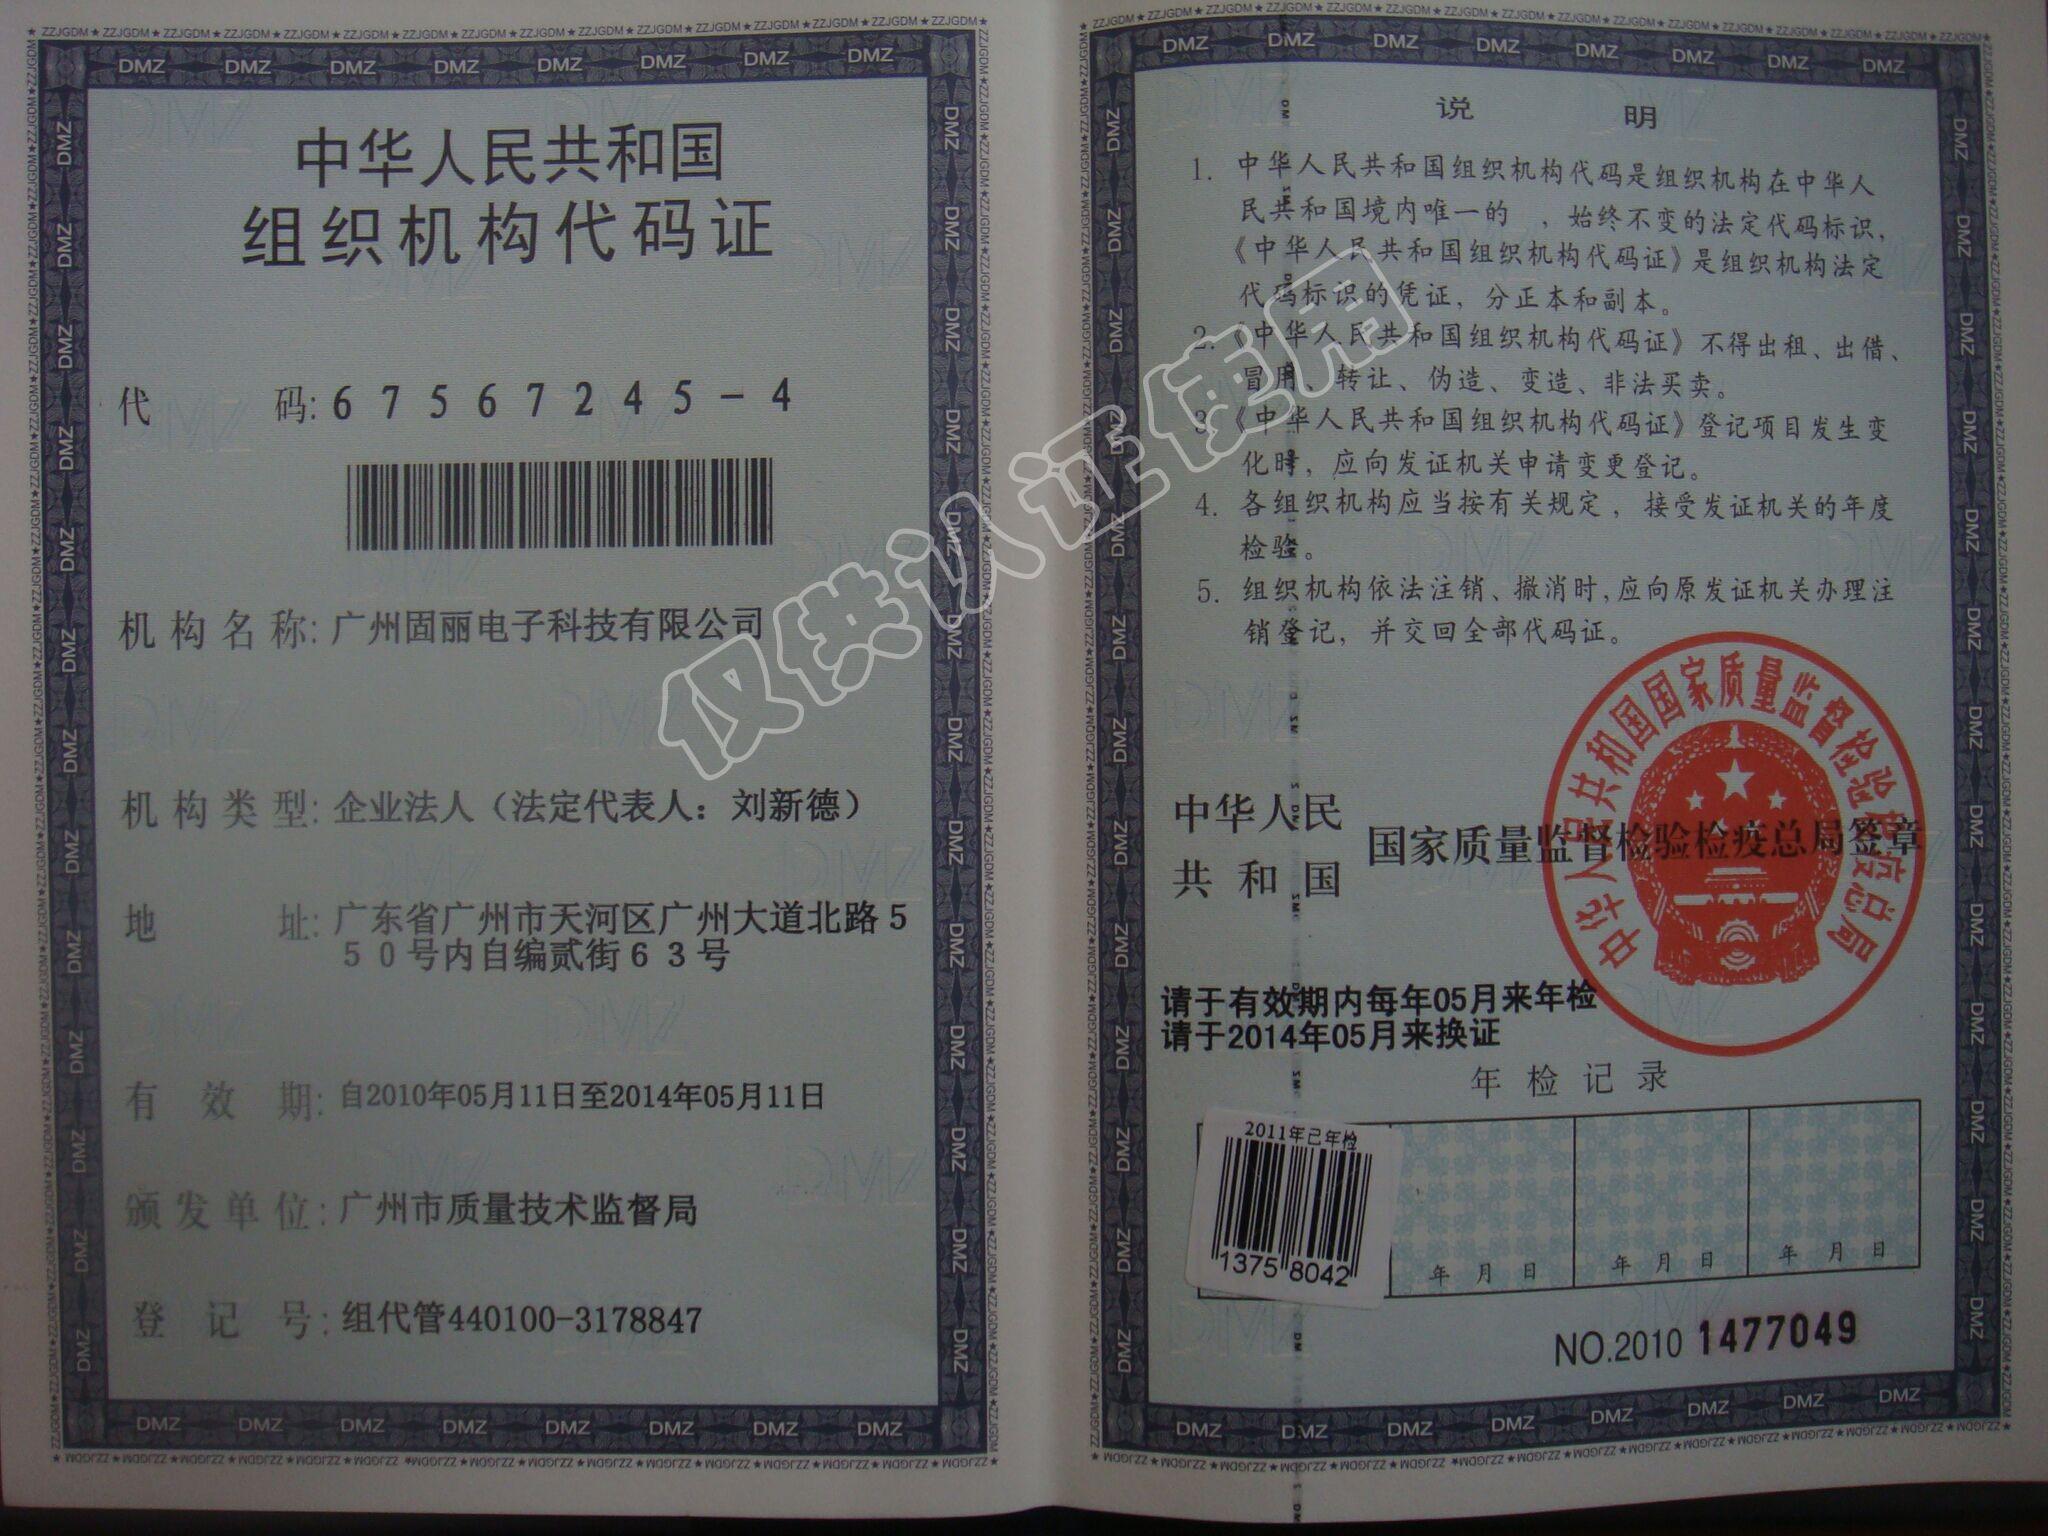 固丽智能锁组织代码证